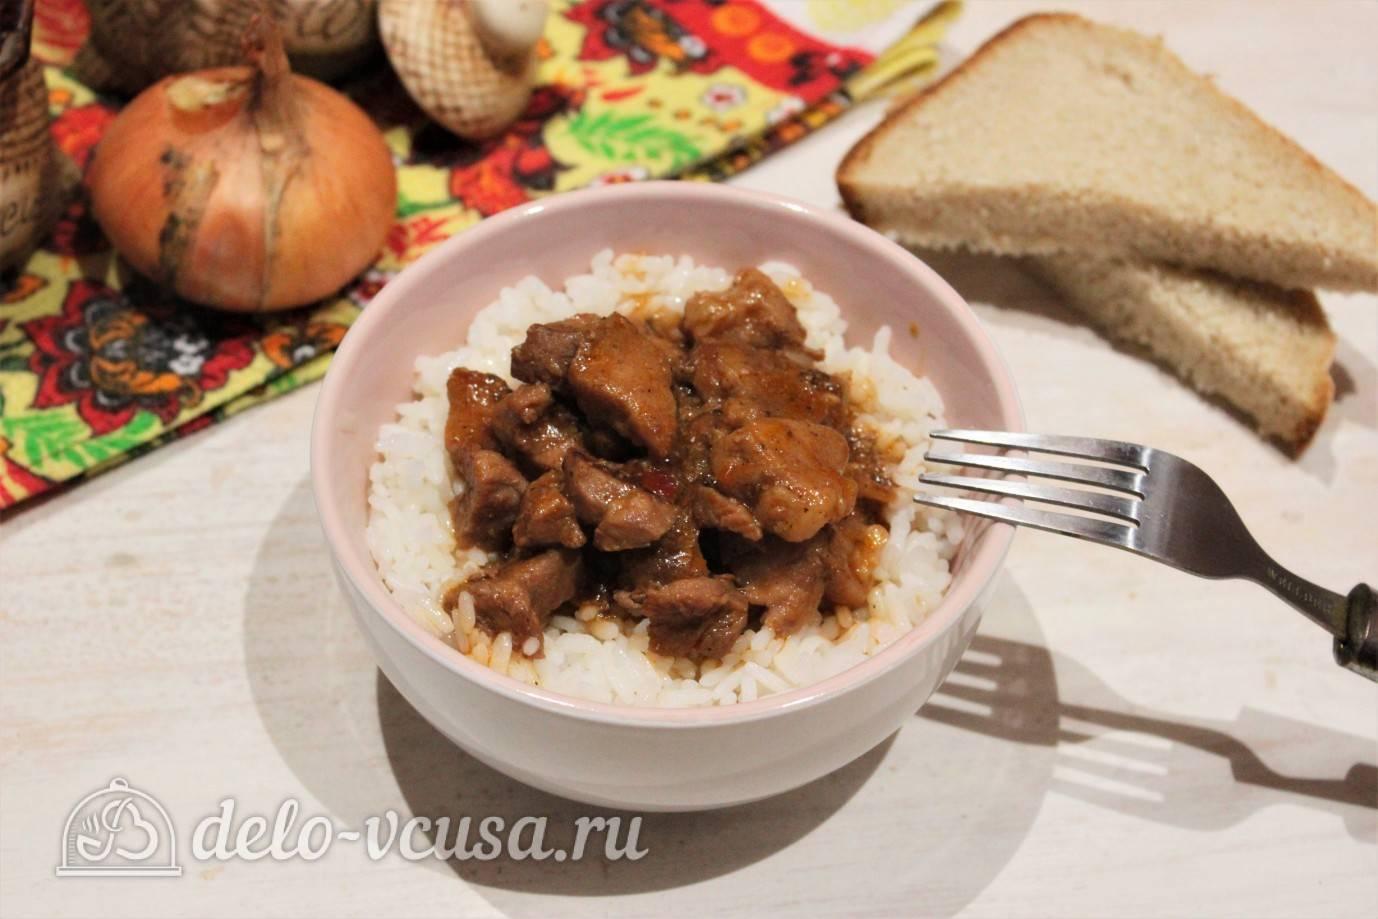 Подливка из свинины: с луком, томатом, сметаной, мукой, бефстроганов